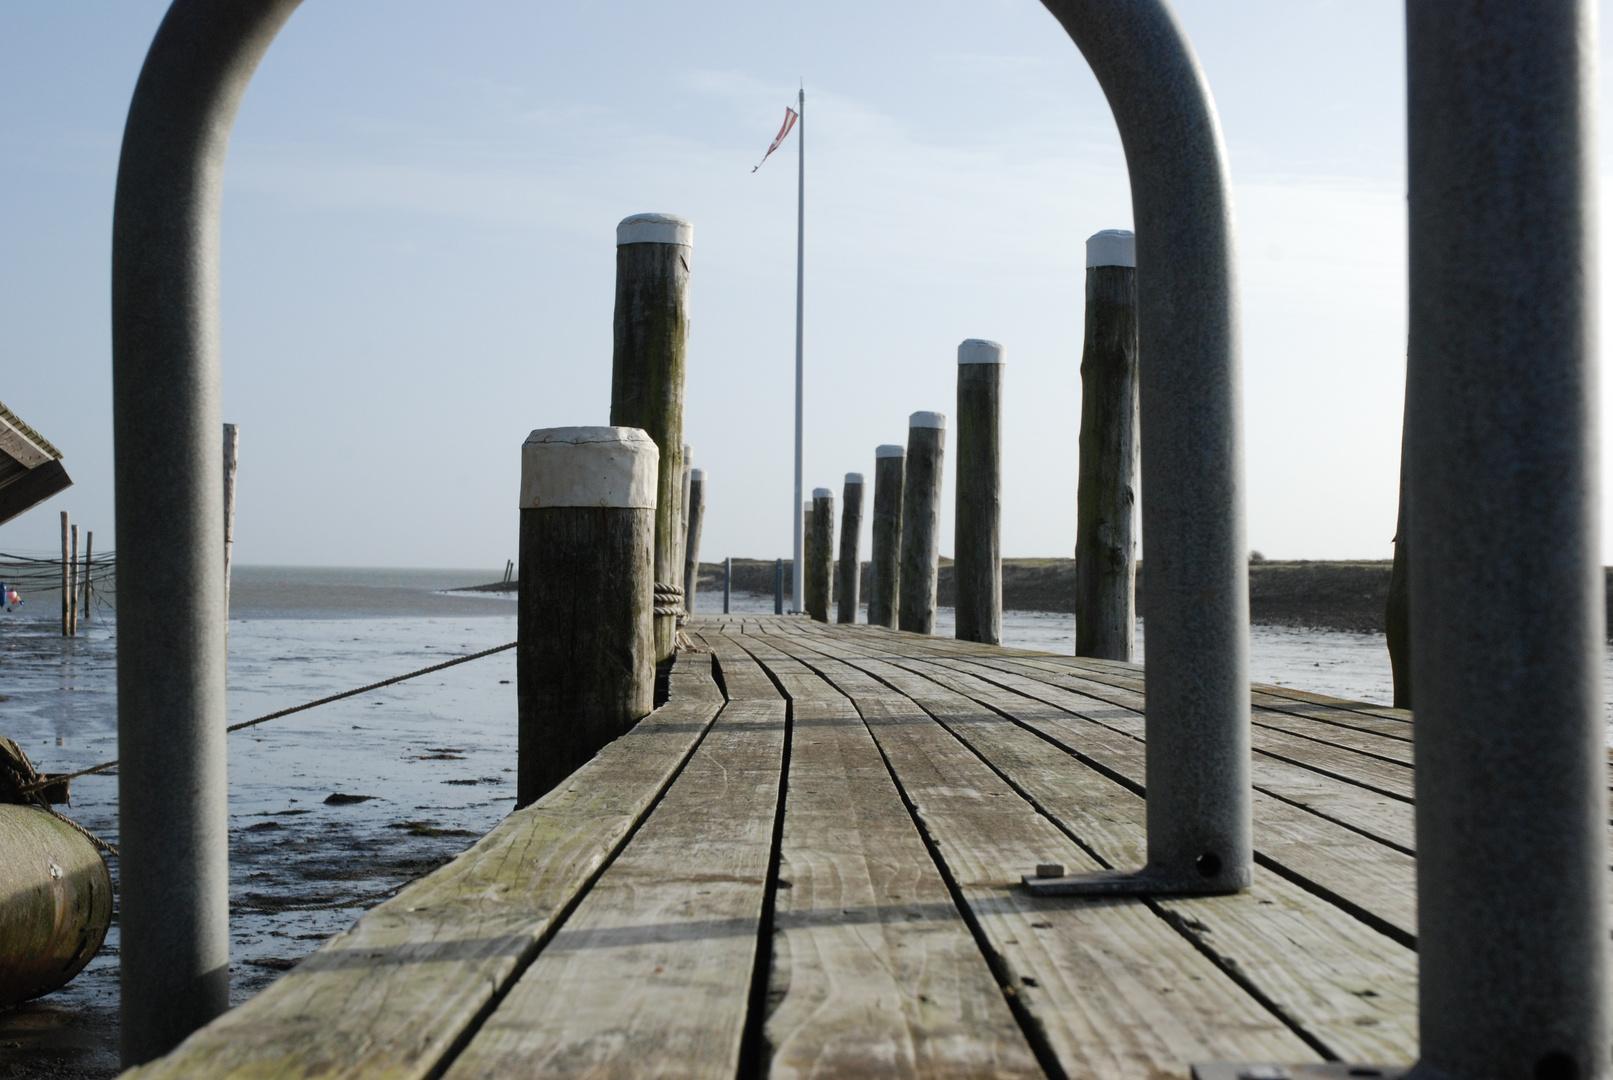 Rantum; Hafen des Yacht Club...